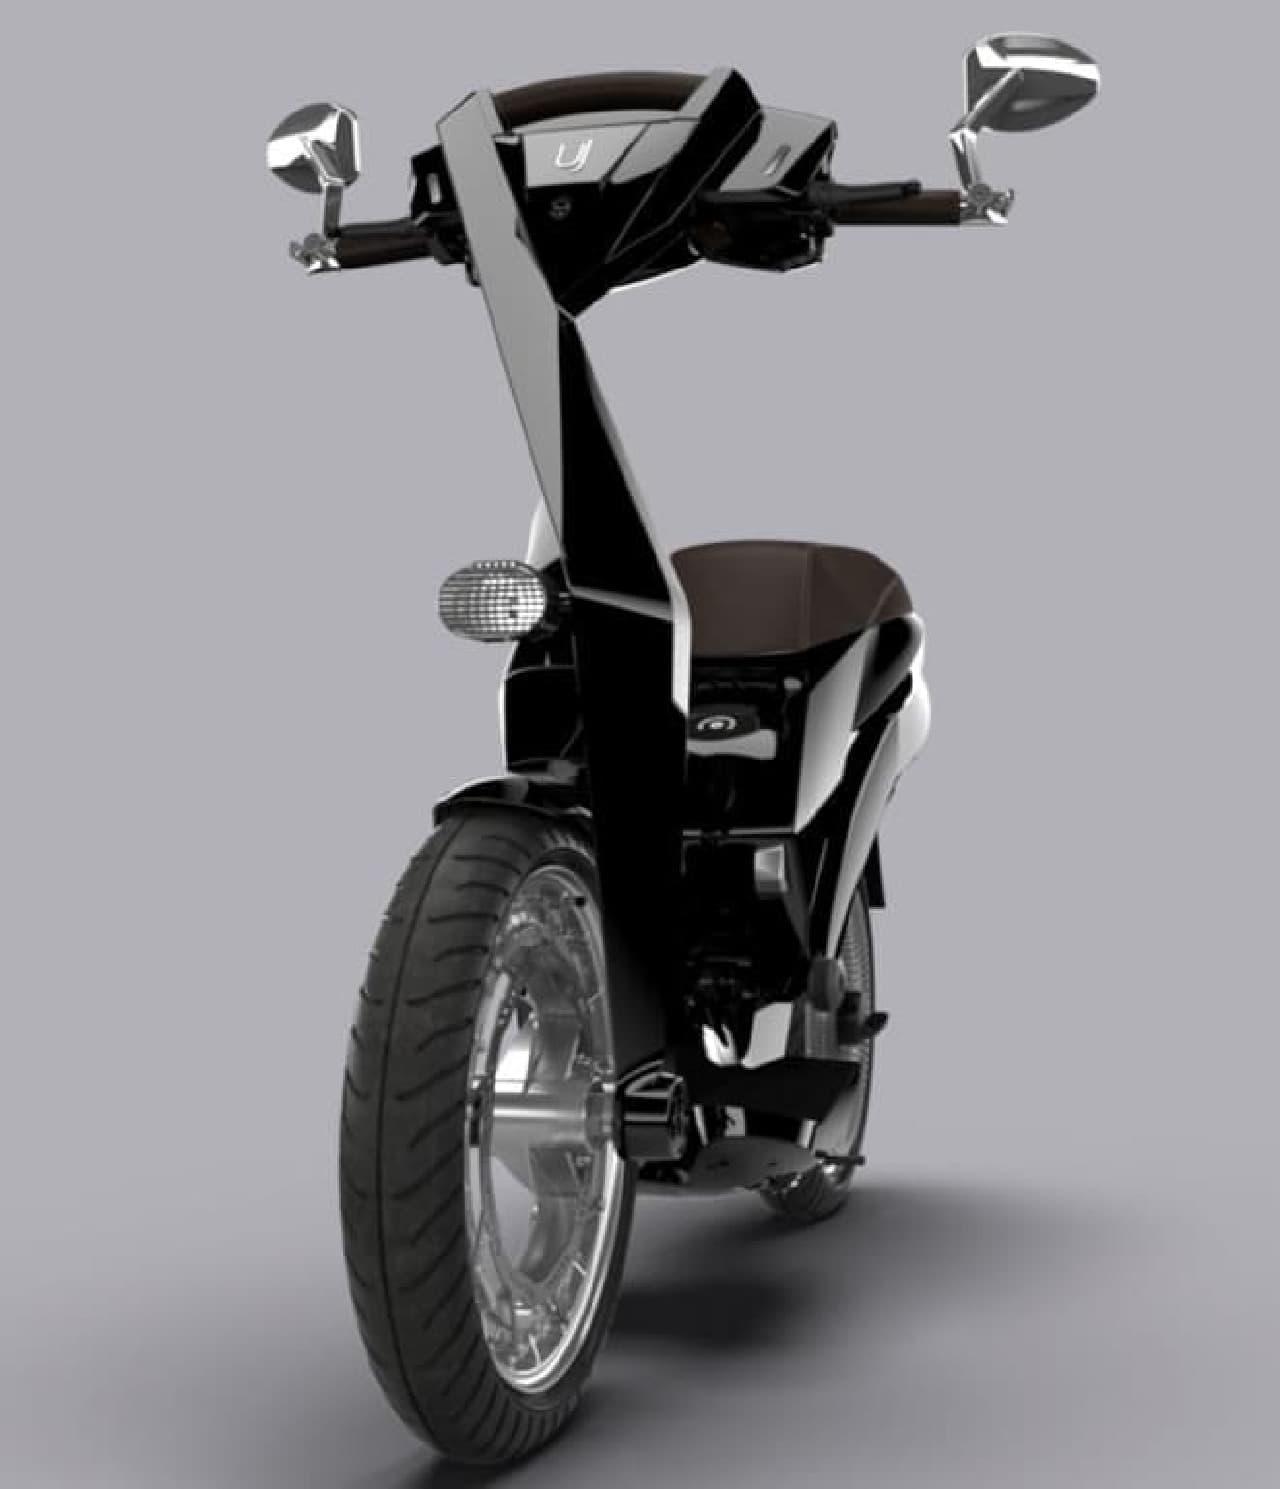 スポークやハブのない折り畳み電動バイク「Ujet」